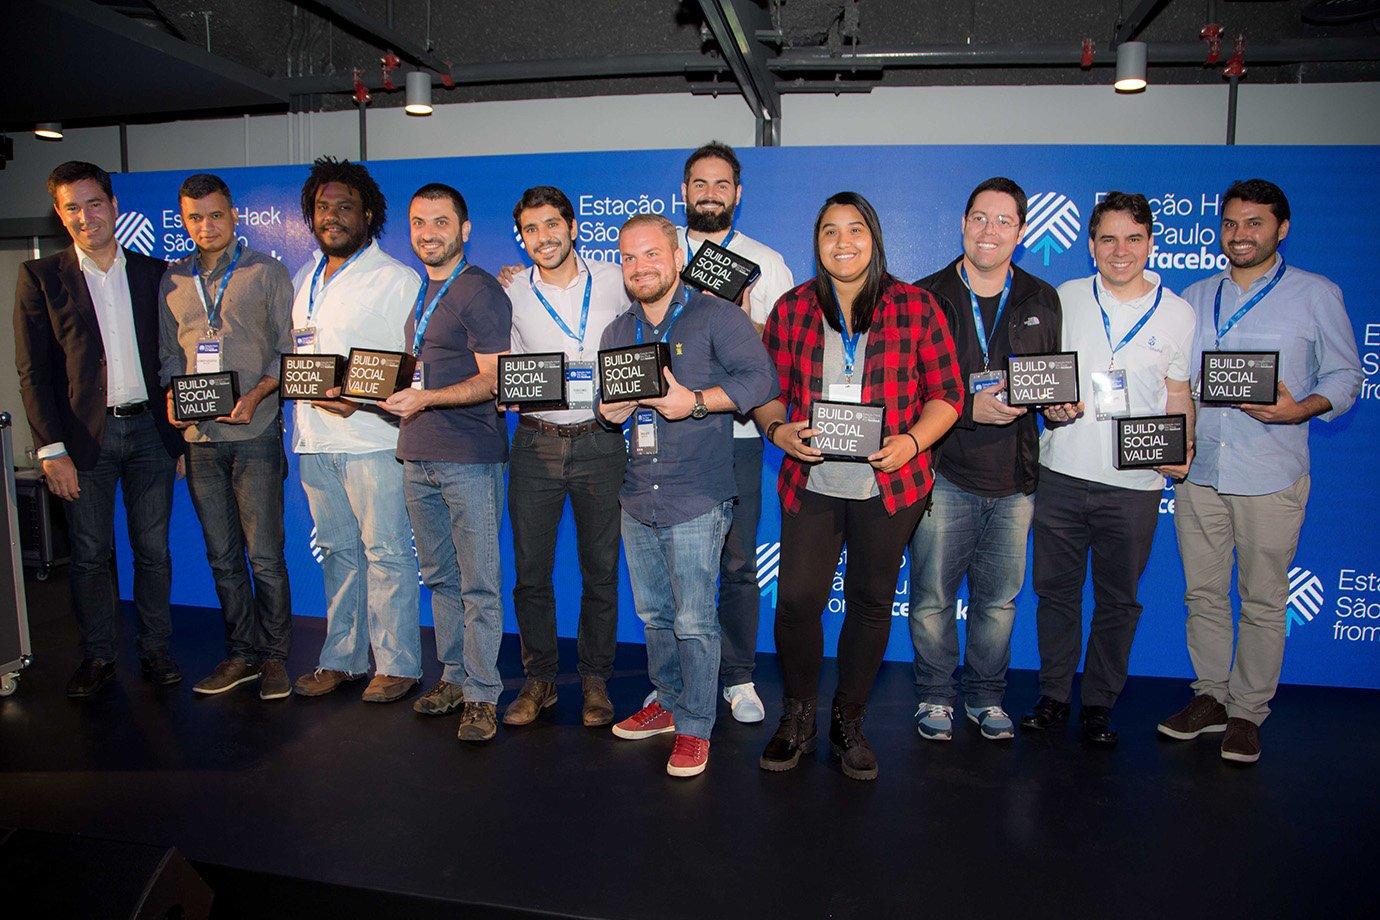 Empreendedores acelerados pela Estação Hack, centro de inovação do Facebook